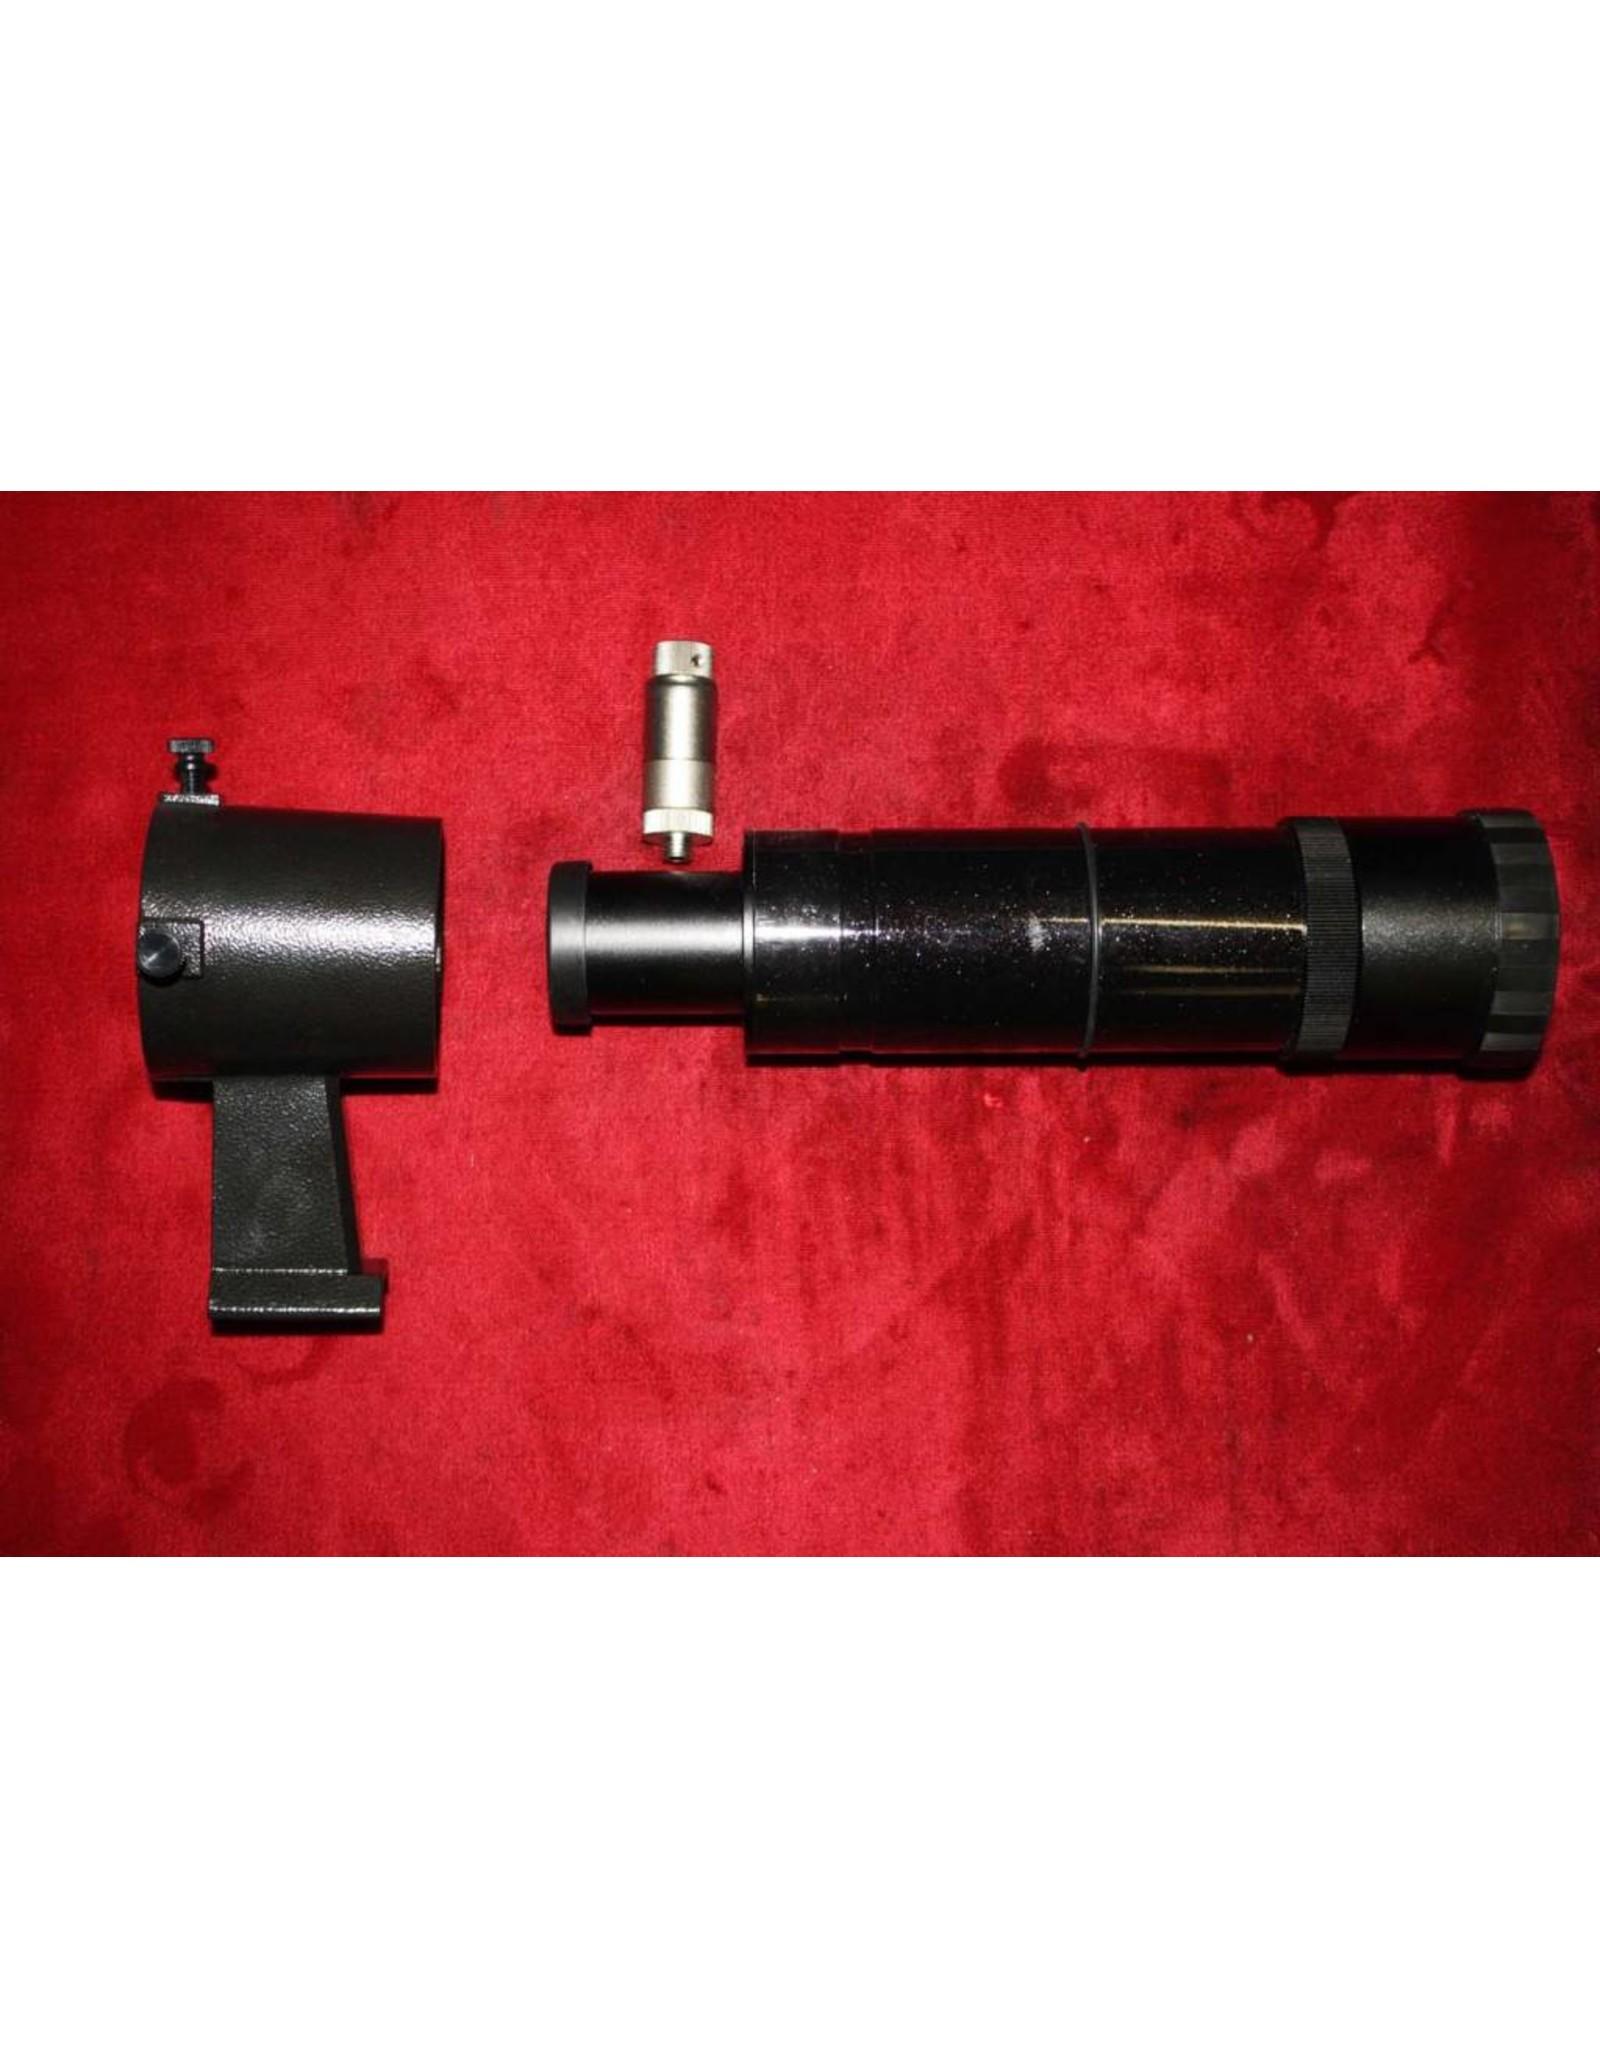 Arcturus Arcturus 9x50 Straight Through Finderscope with illuminator